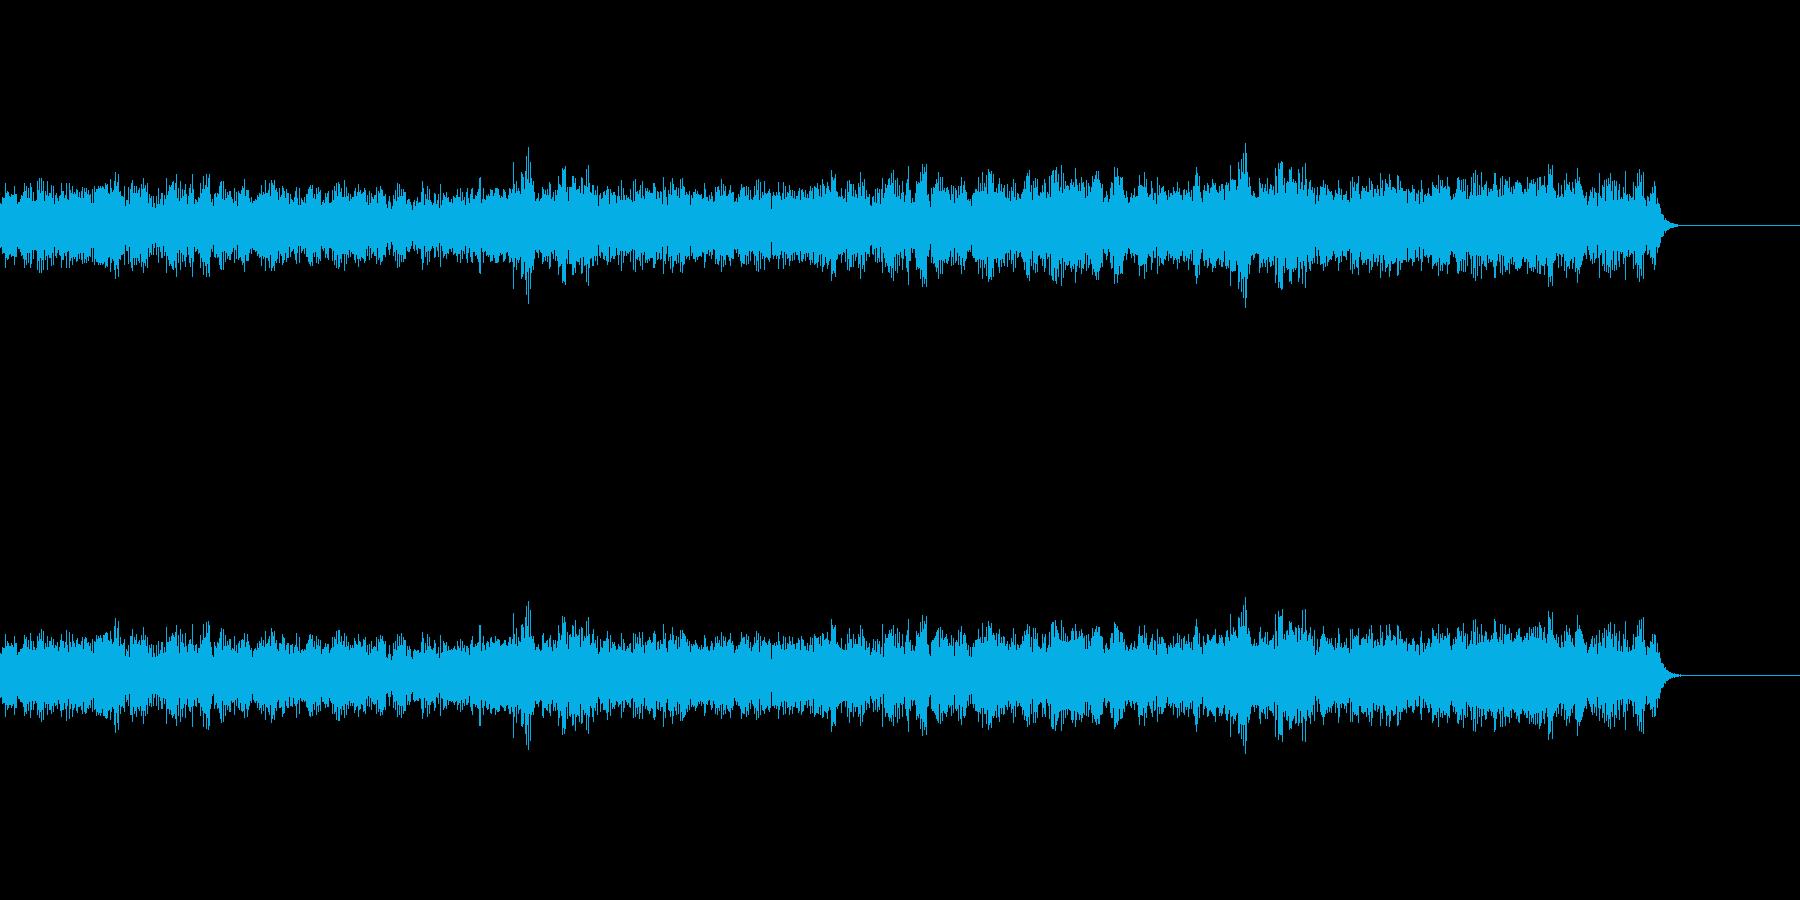 虫の羽音の再生済みの波形